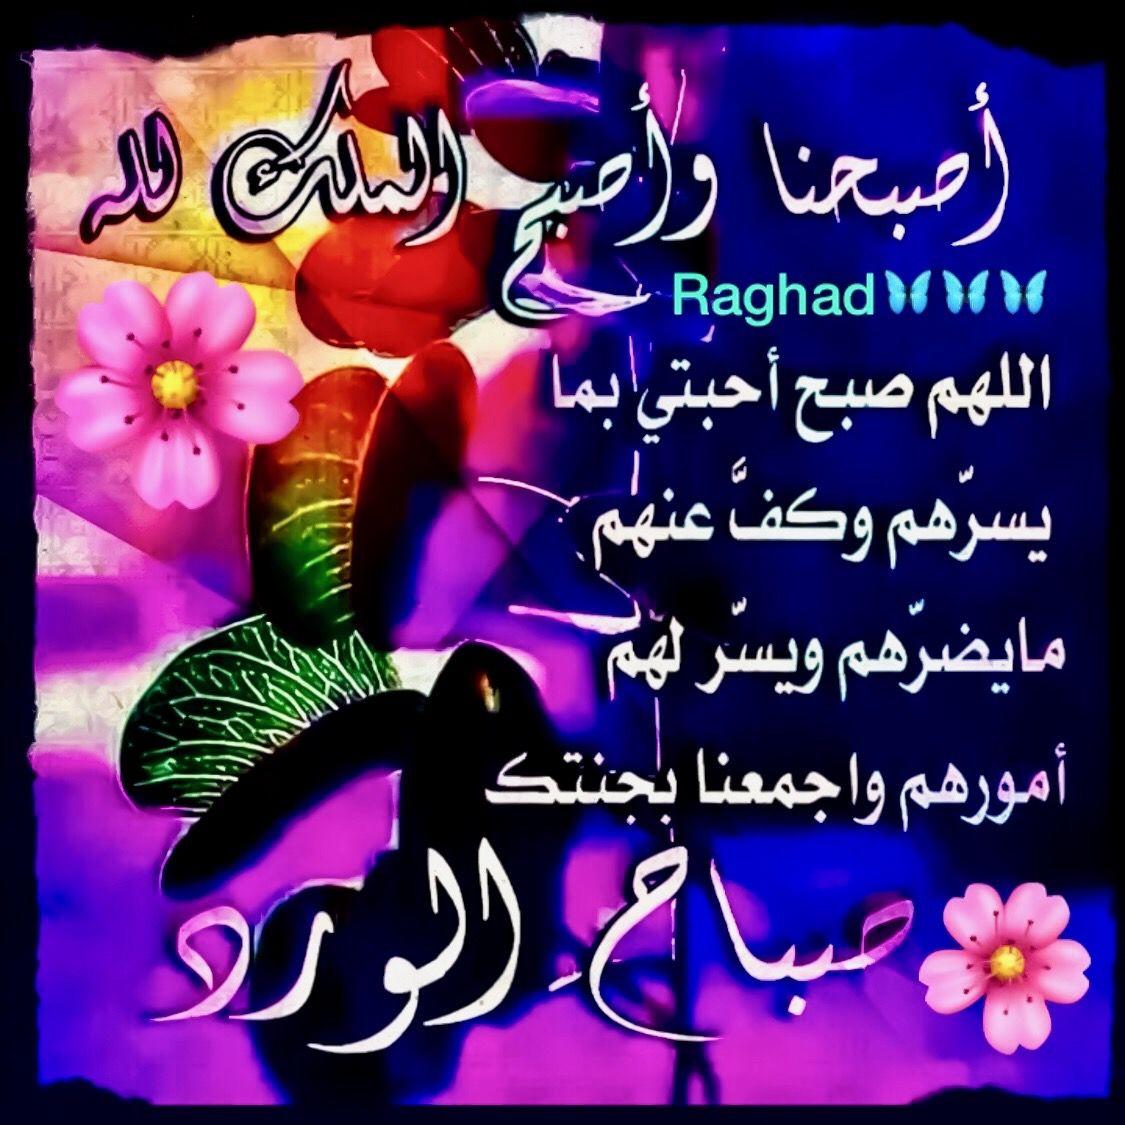 Desertrose هو الله الذي لا إله إلا هو عالم الغيب والشهادة هو الرحمن الرحيم هو الله ال Beautiful Morning Messages Good Morning Picture Good Morning Arabic